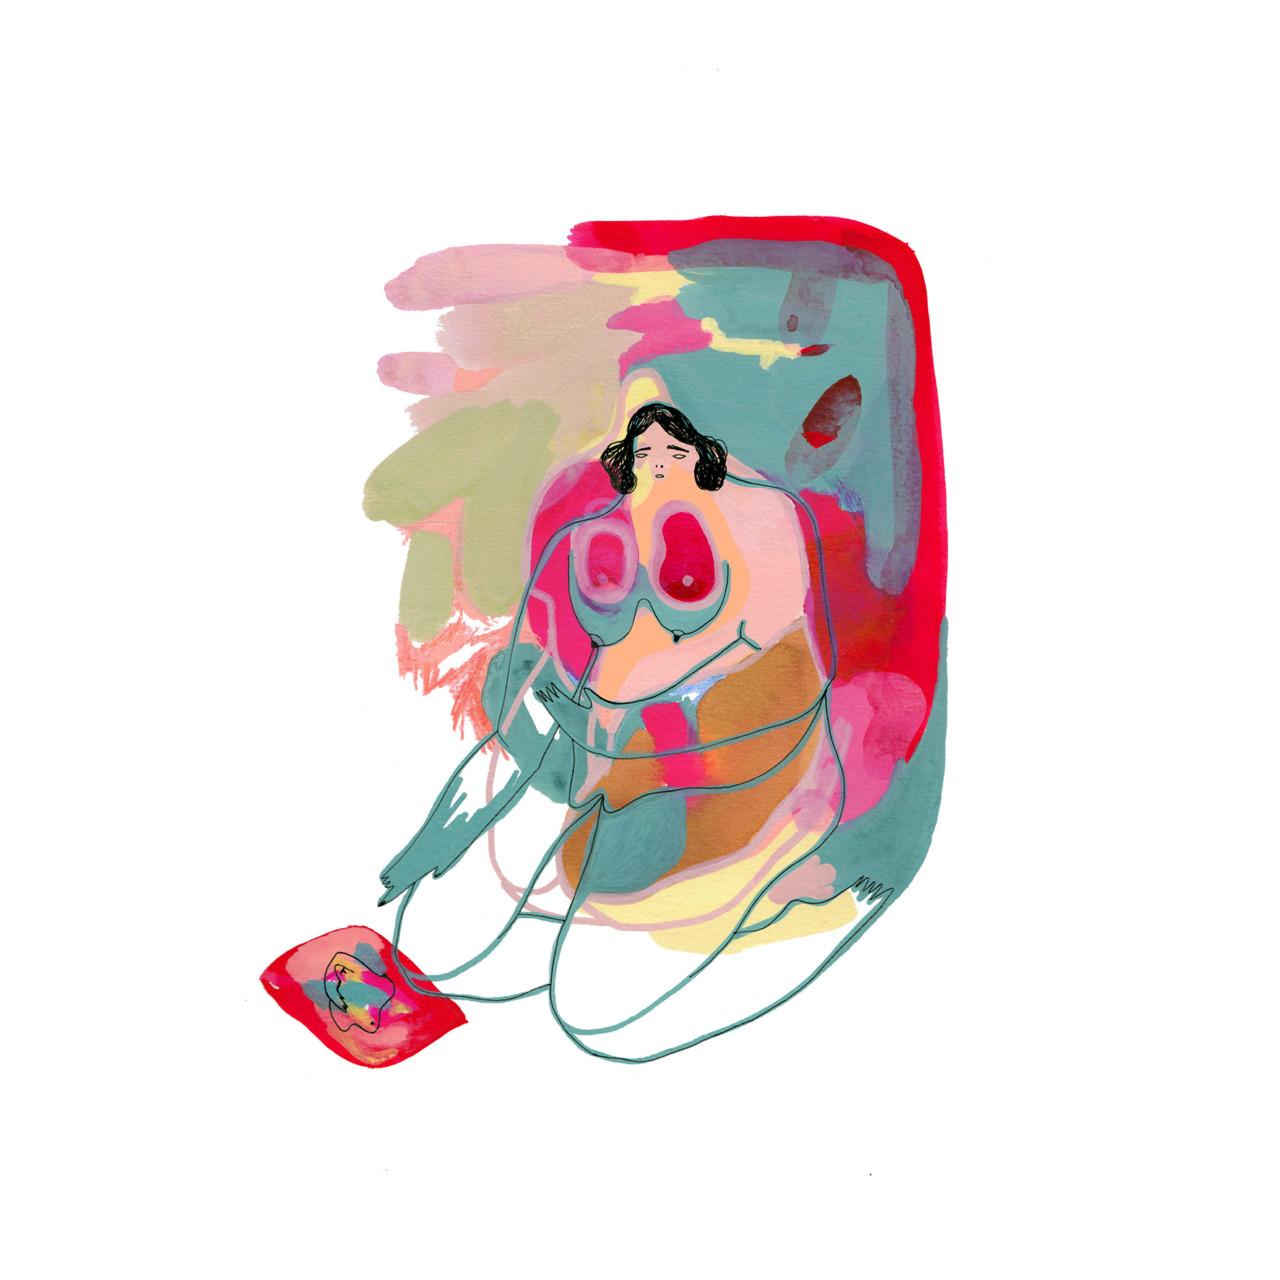 Elke Foltz / Illustration L'ABSENCE